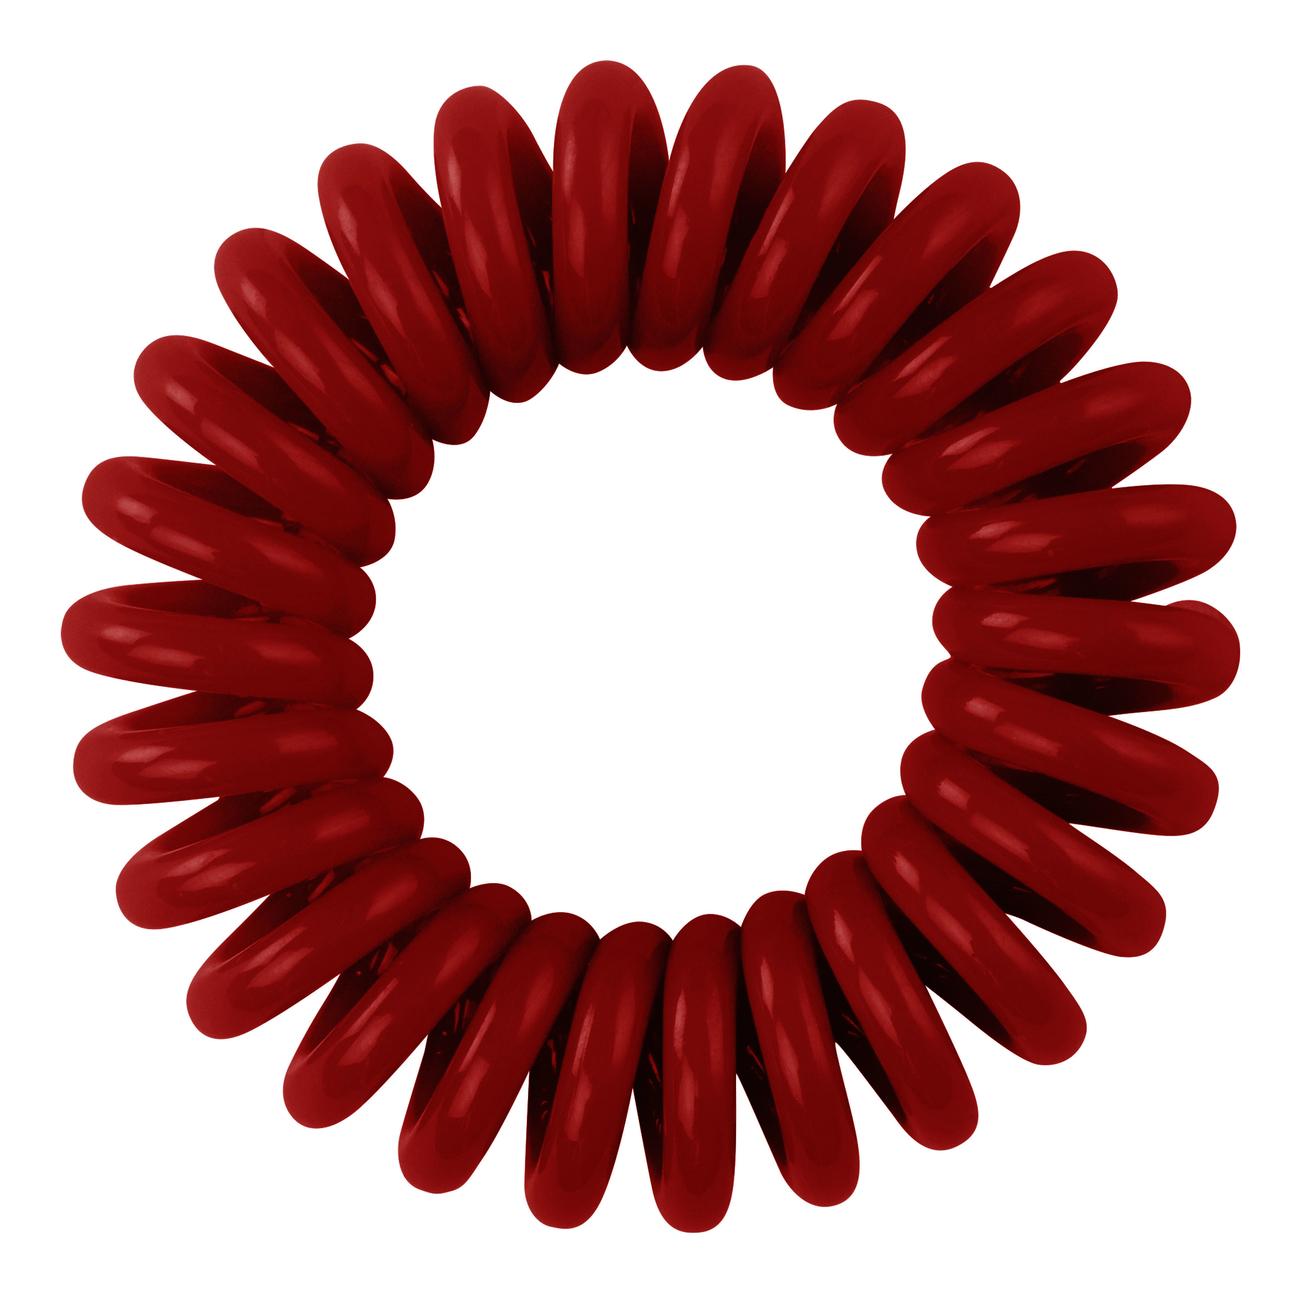 Резинка для волос Hair Bobbles (темно-красная) 3шт резинка для волос black chocolate 3шт черная